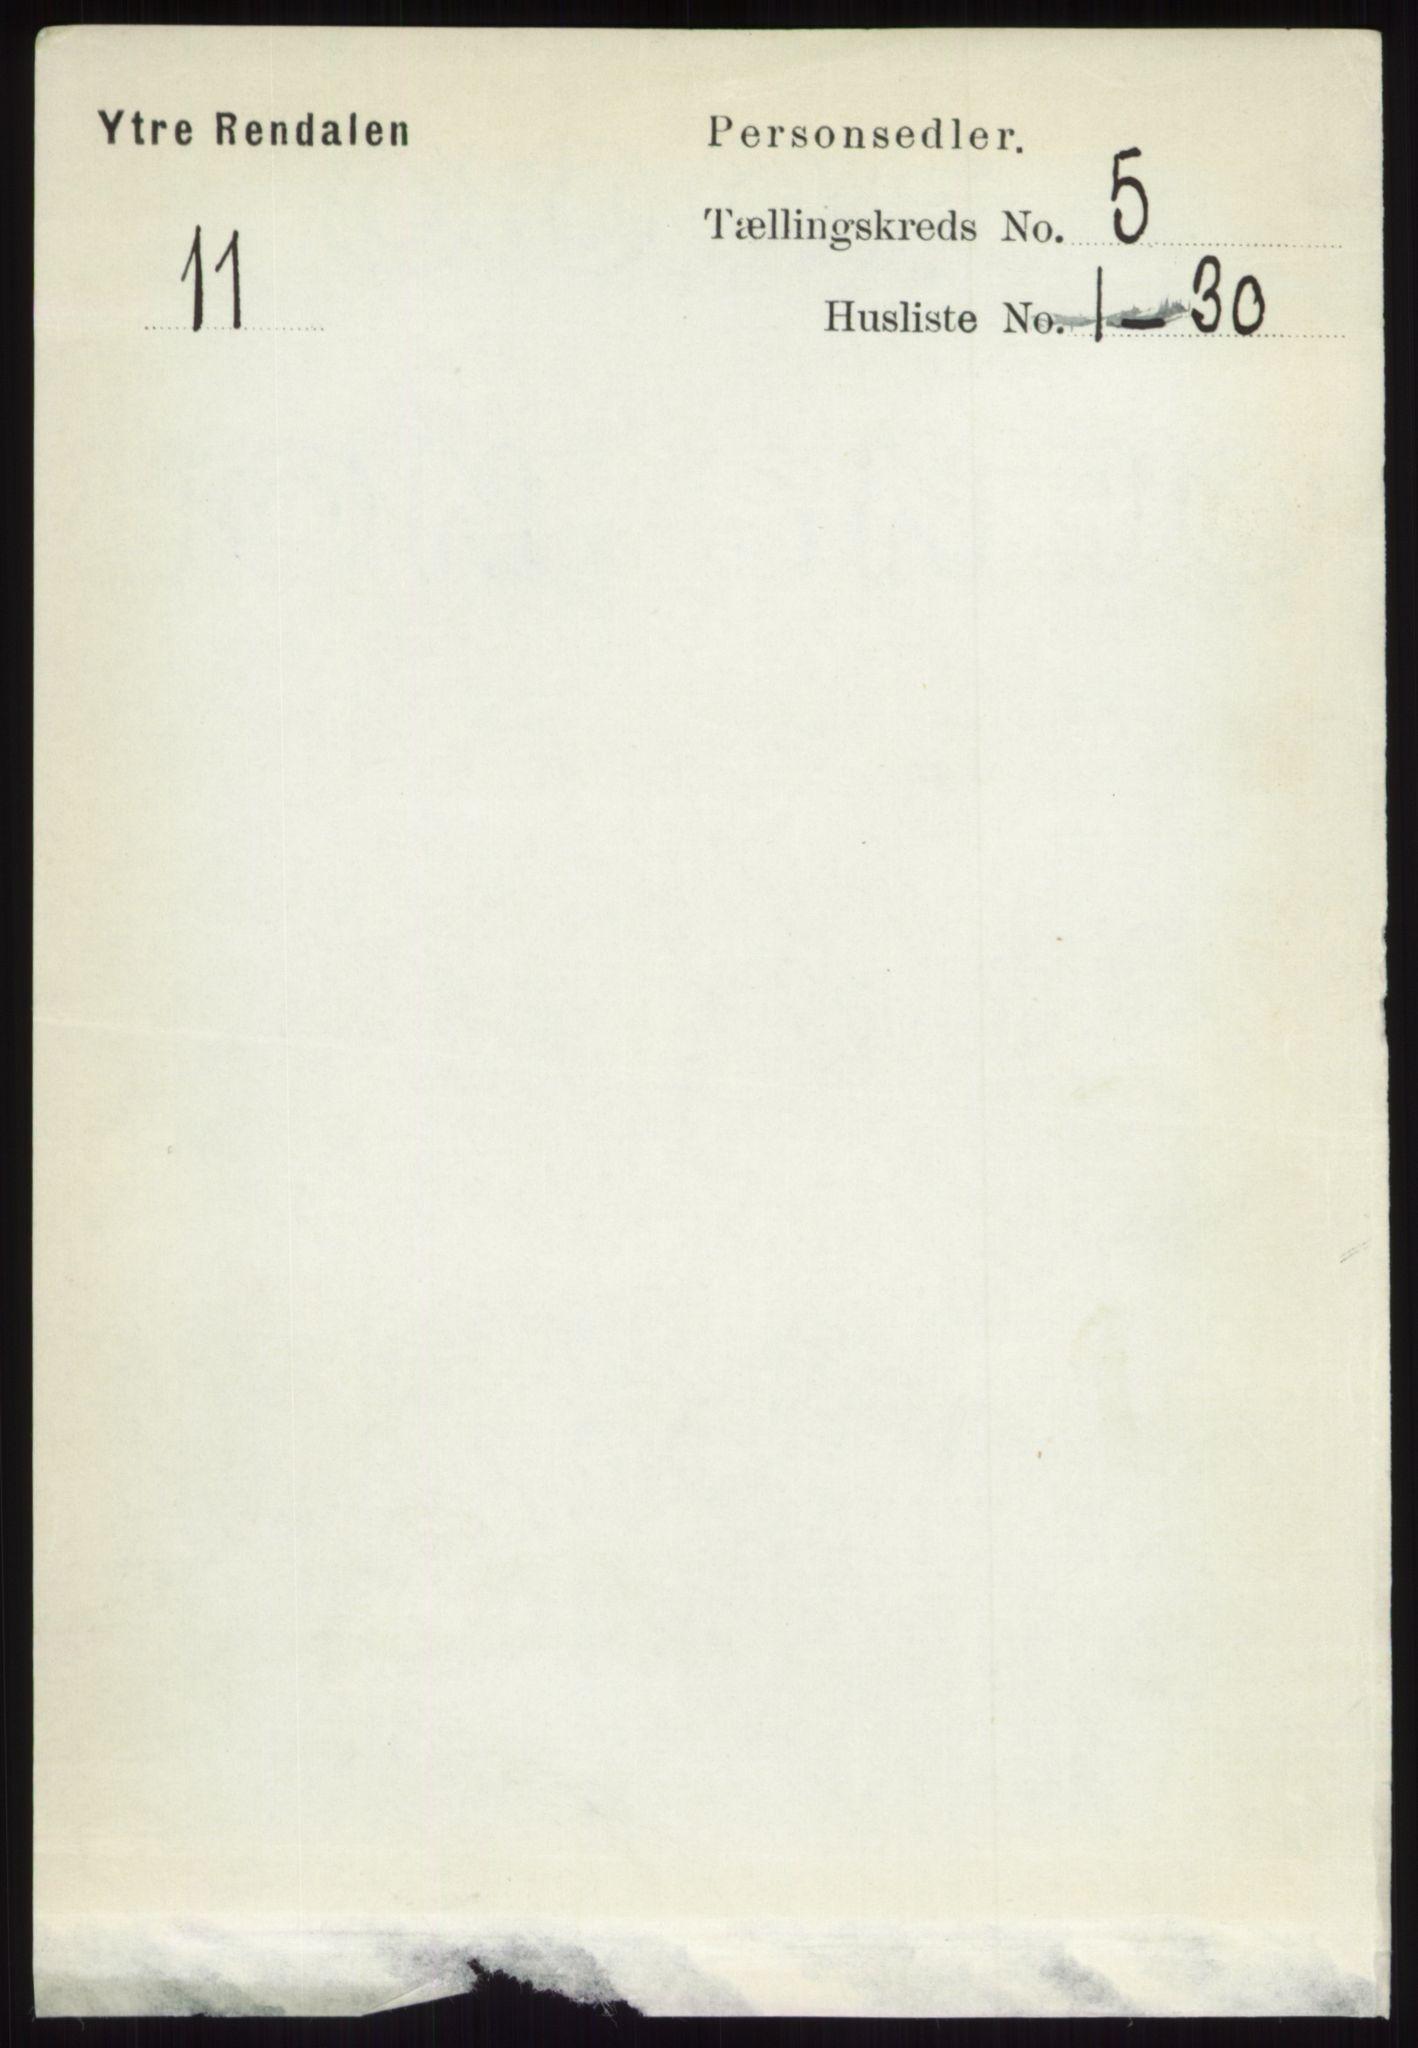 RA, Folketelling 1891 for 0432 Ytre Rendal herred, 1891, s. 1245